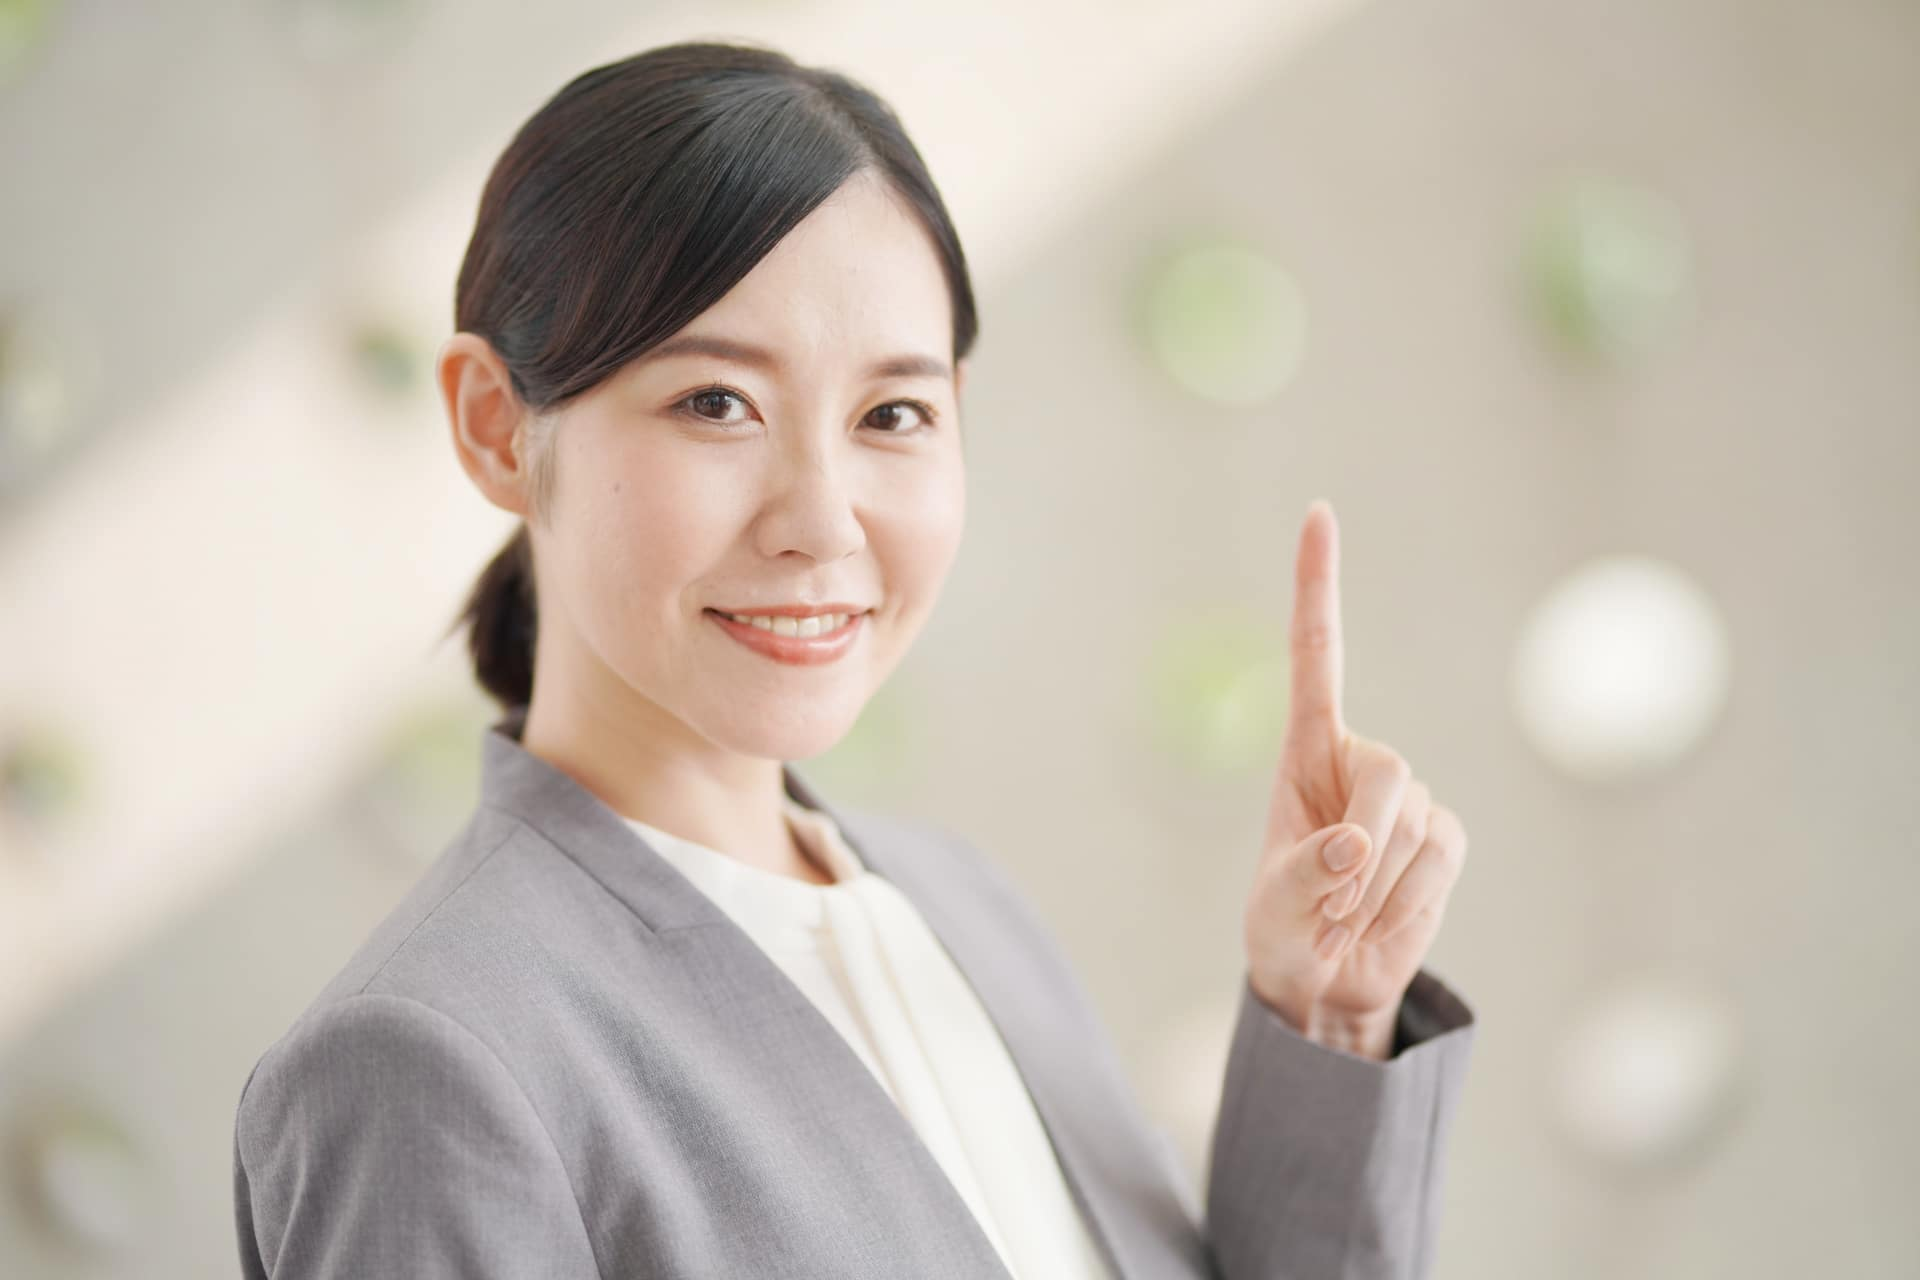 人差し指を指す女性2